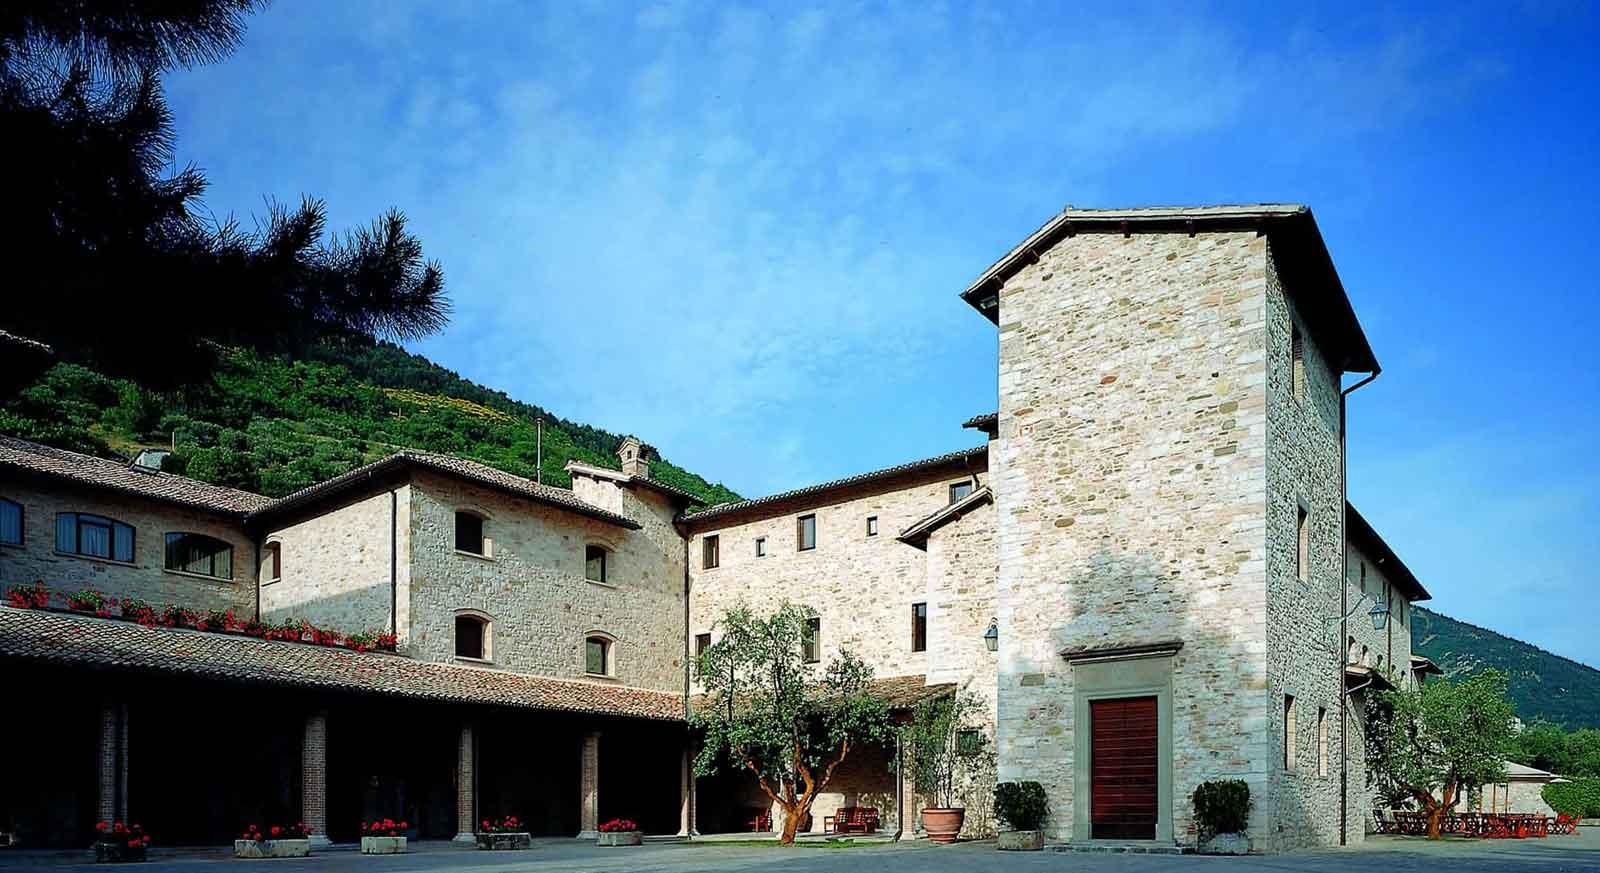 Park Hotel ai Cappuccini, hotel de charme en Ombrie (Gubbio, Italie)